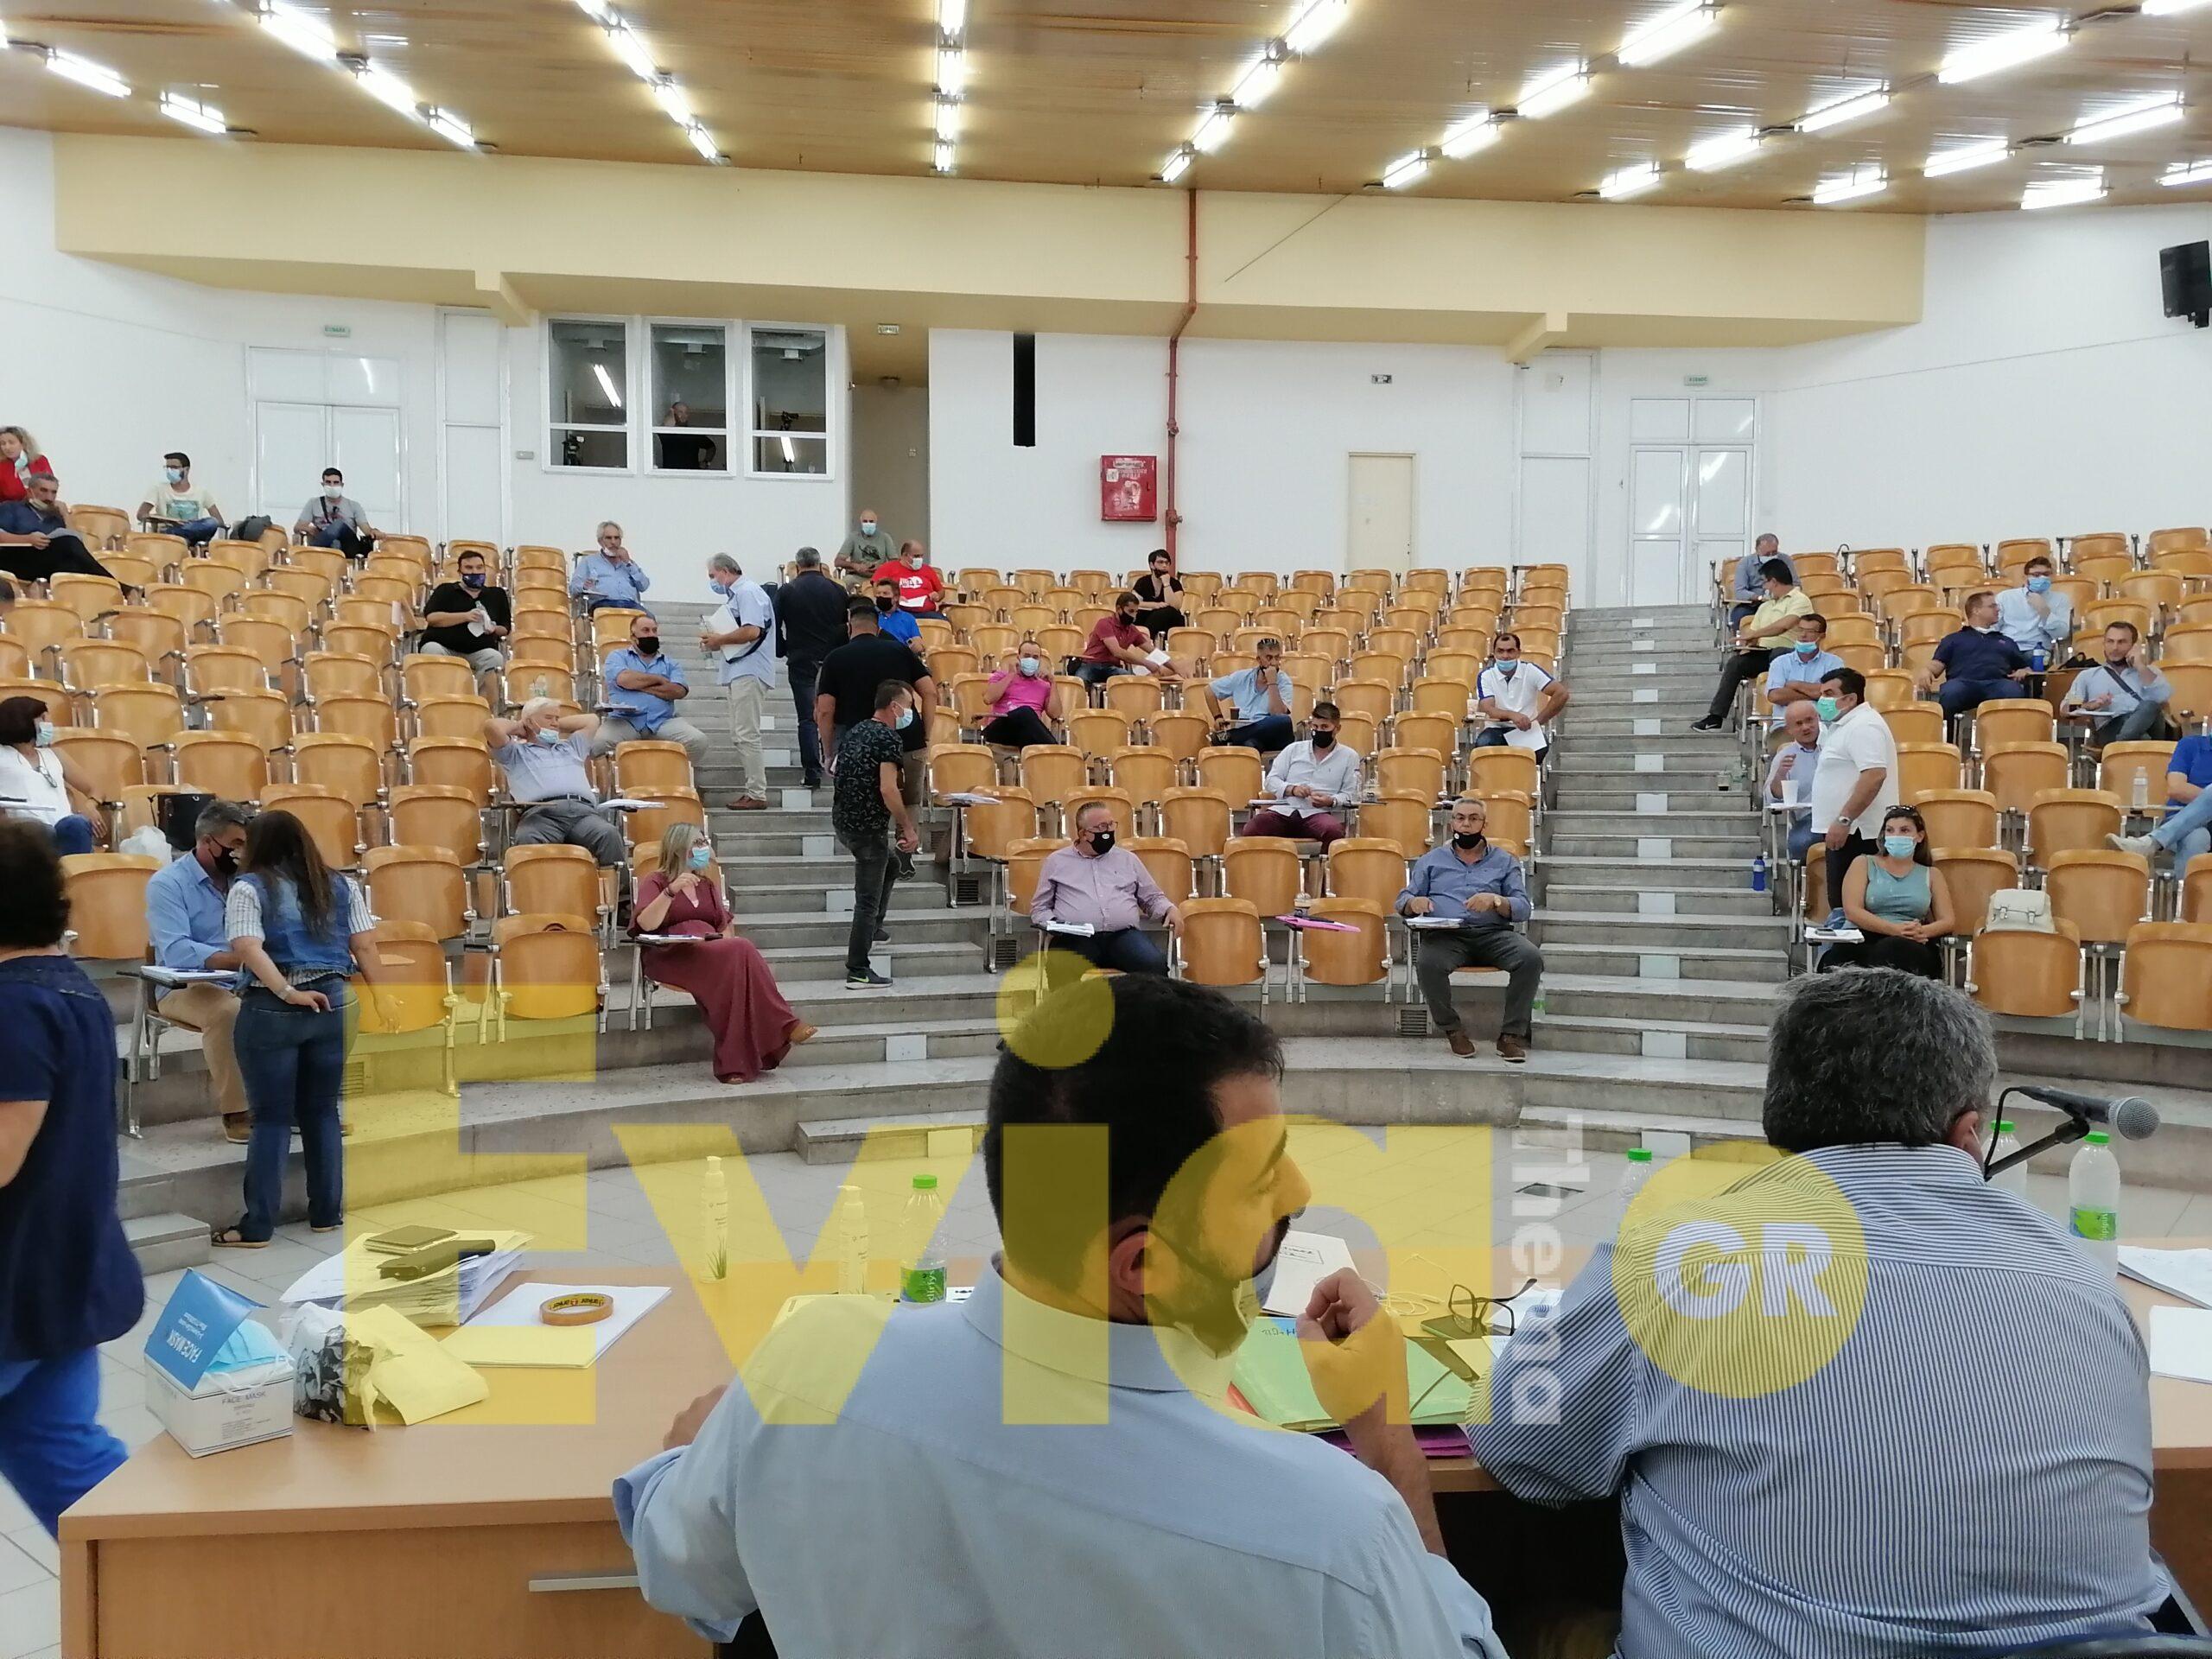 Διρφύων Μεσσαπίων δημοτικού συμβουλίου